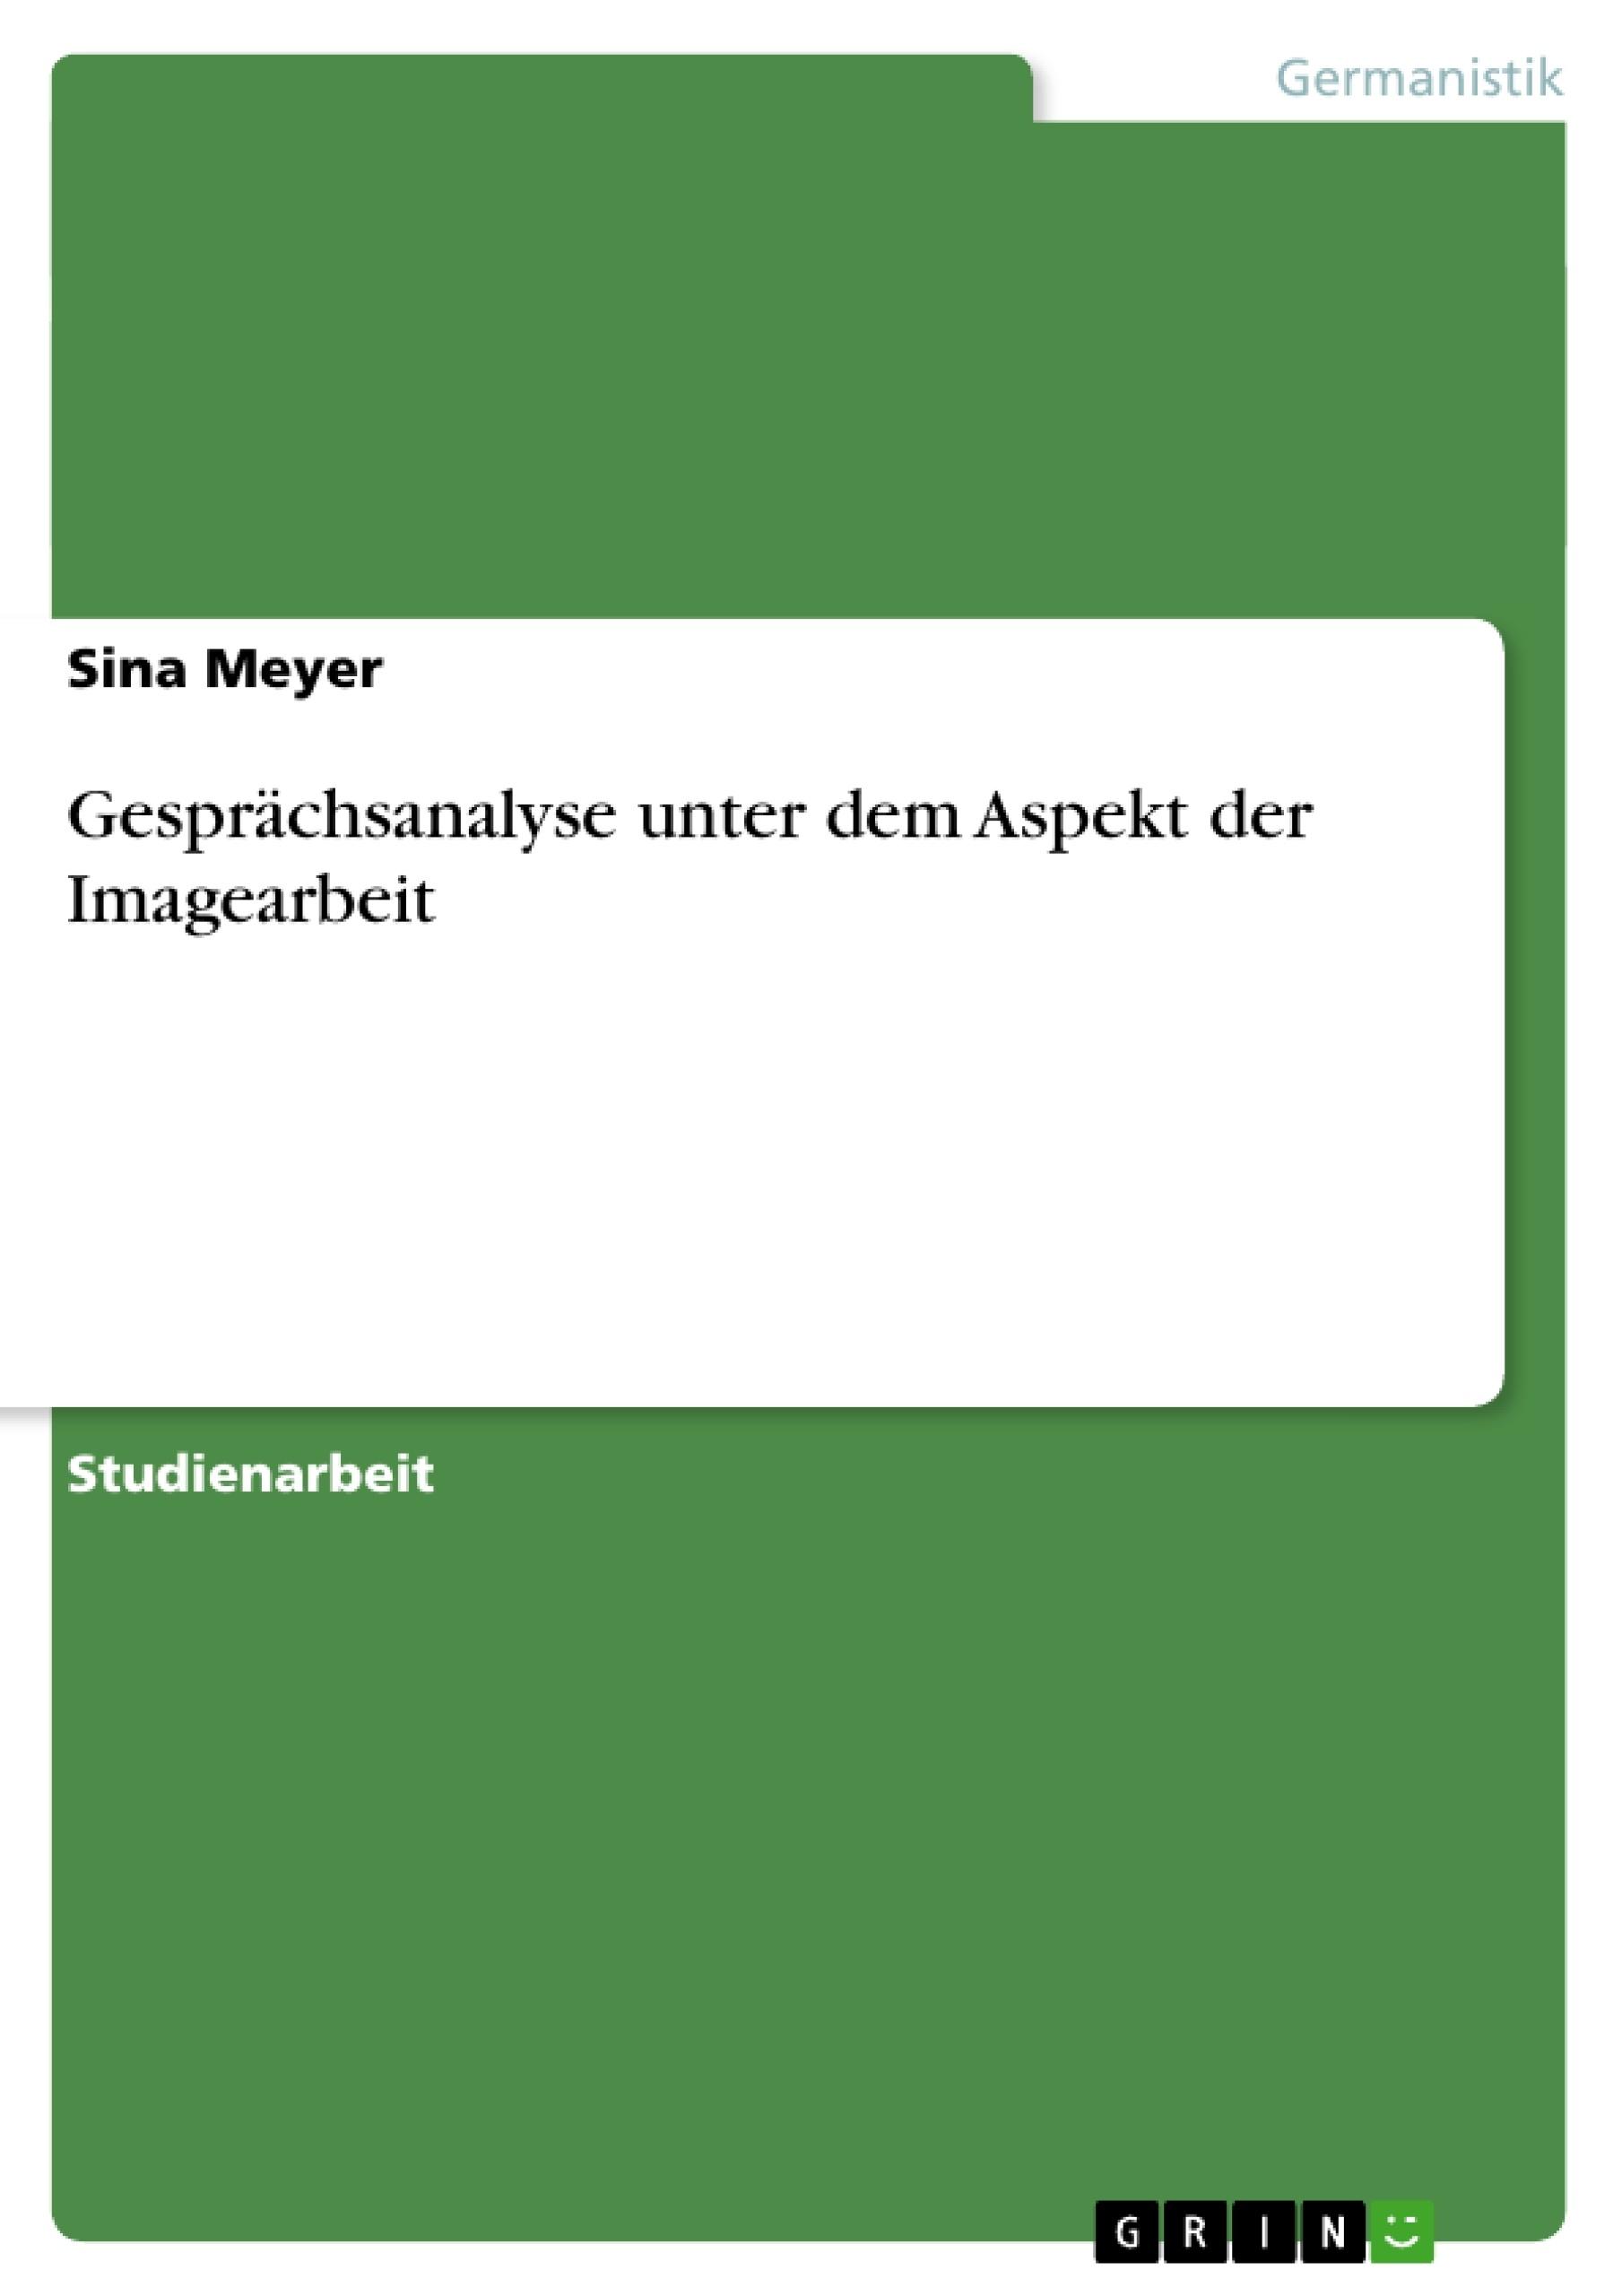 Titel: Gesprächsanalyse unter dem Aspekt der Imagearbeit